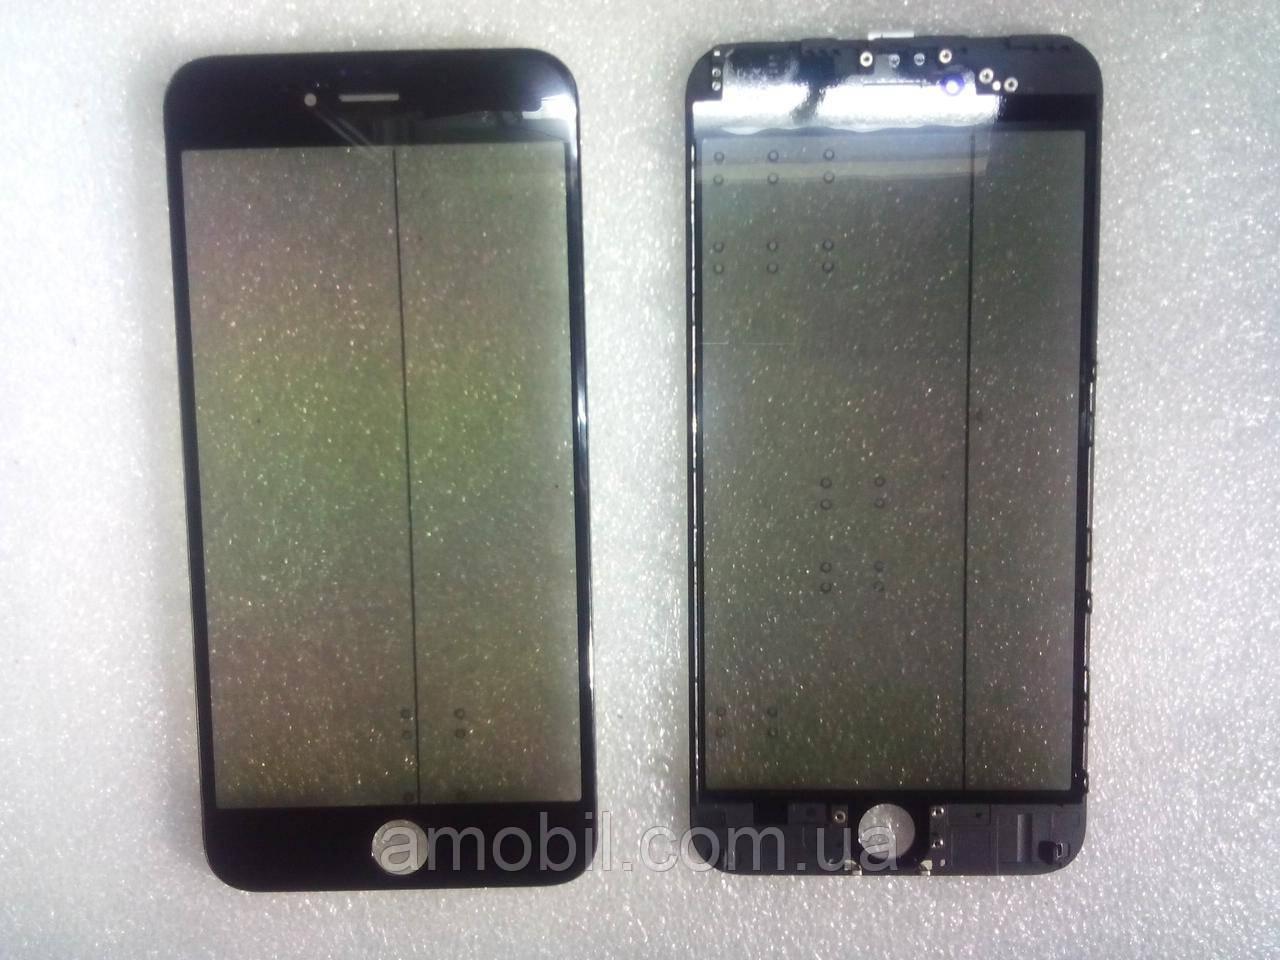 Стекло с дисплейной рамкой , OCA плёнкой и поляризационной плёнкой для iPhone 6 Plus чёрное orig качество